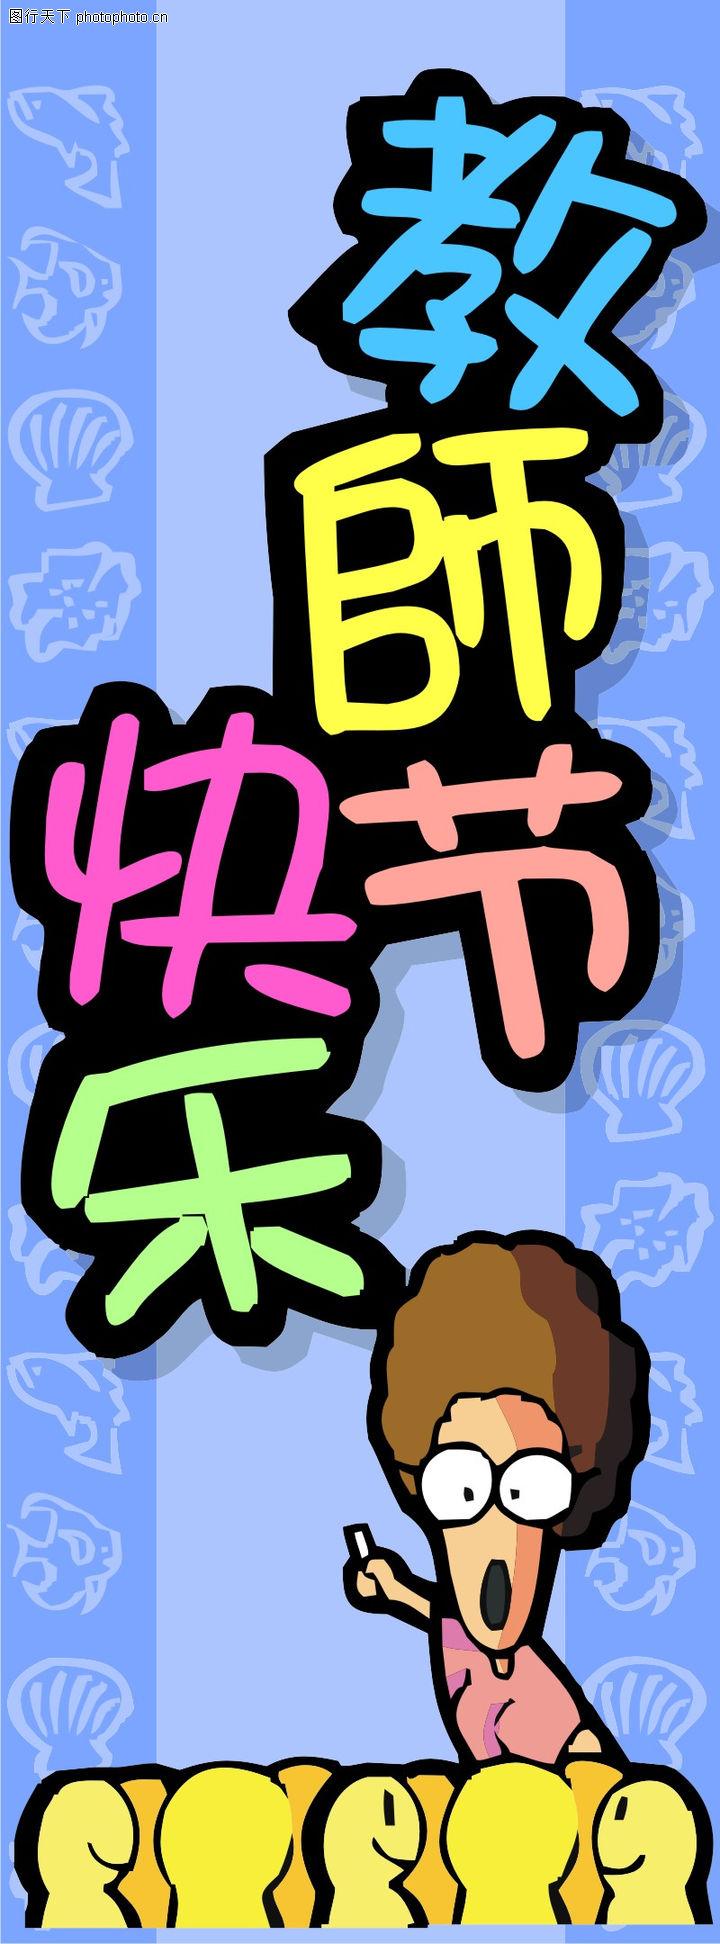 节日,平面矢量海报模板,教师节 老师 讲课 学生 快乐 海报 pop 招贴